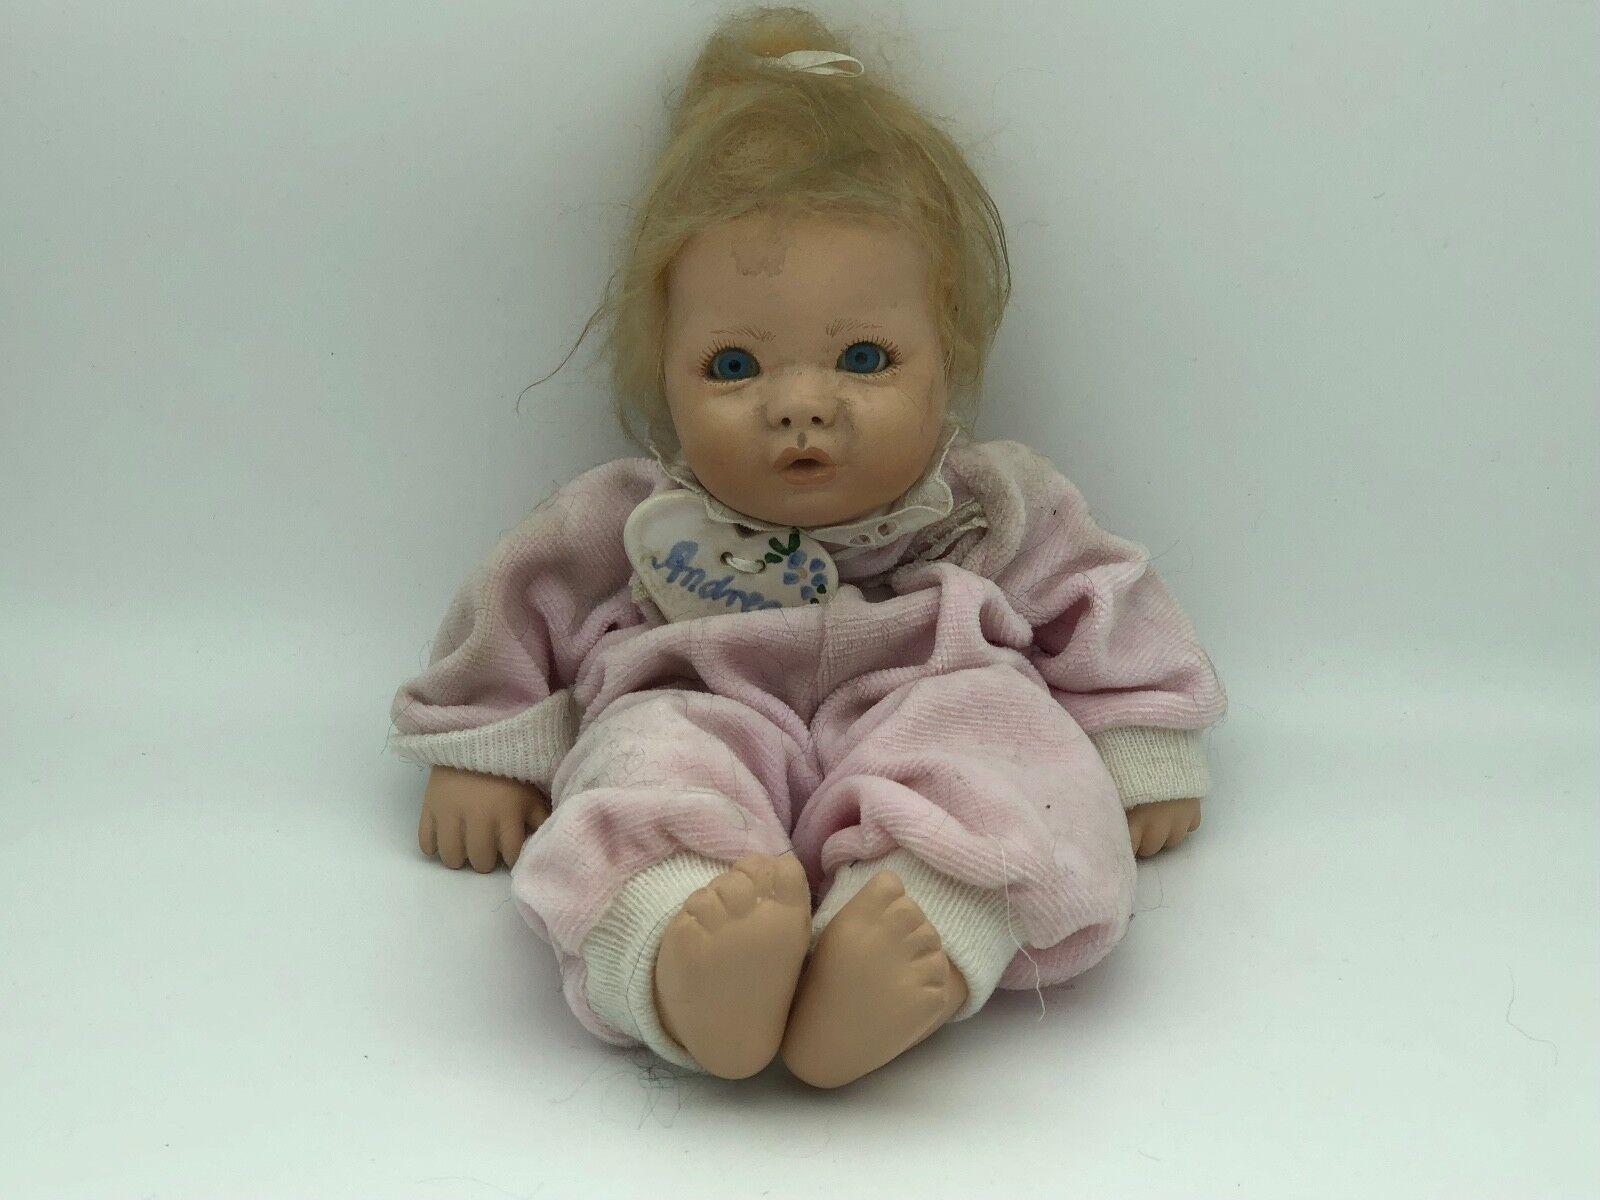 Top Zustand Dolls & Bears Künstlerpuppe Porzellan Puppe 73 Cm